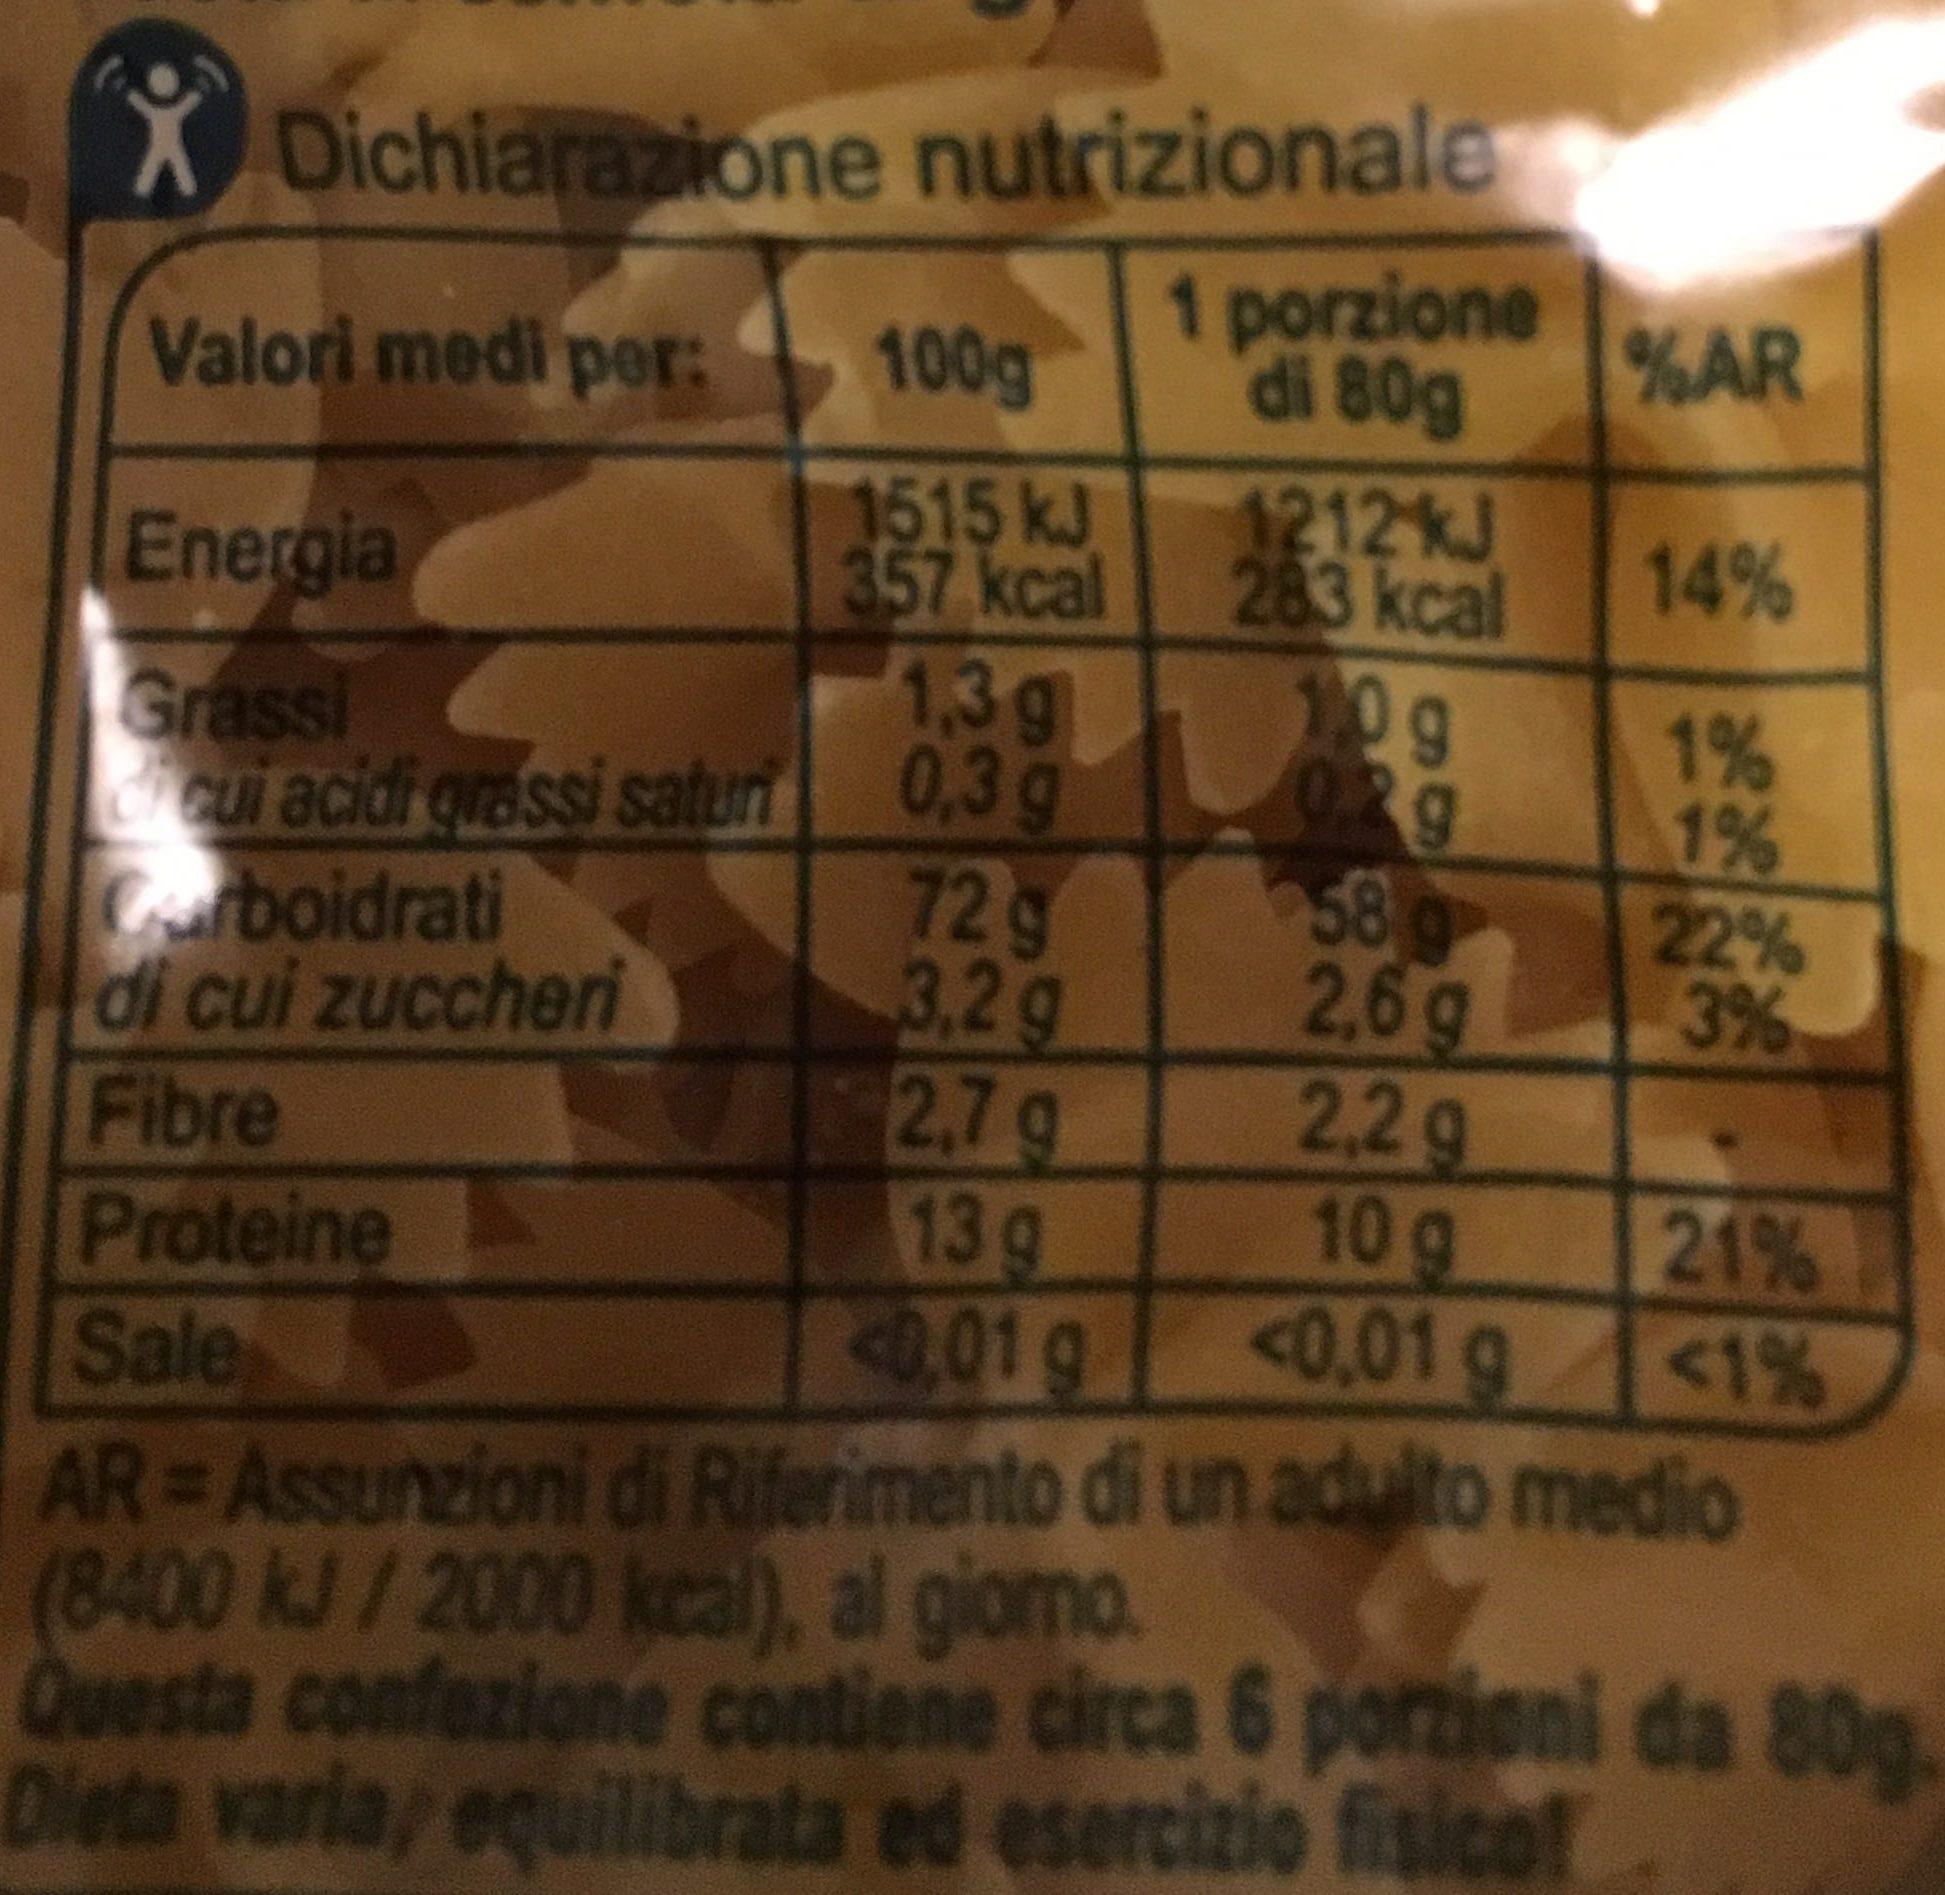 N°66 Farfalle - Informations nutritionnelles